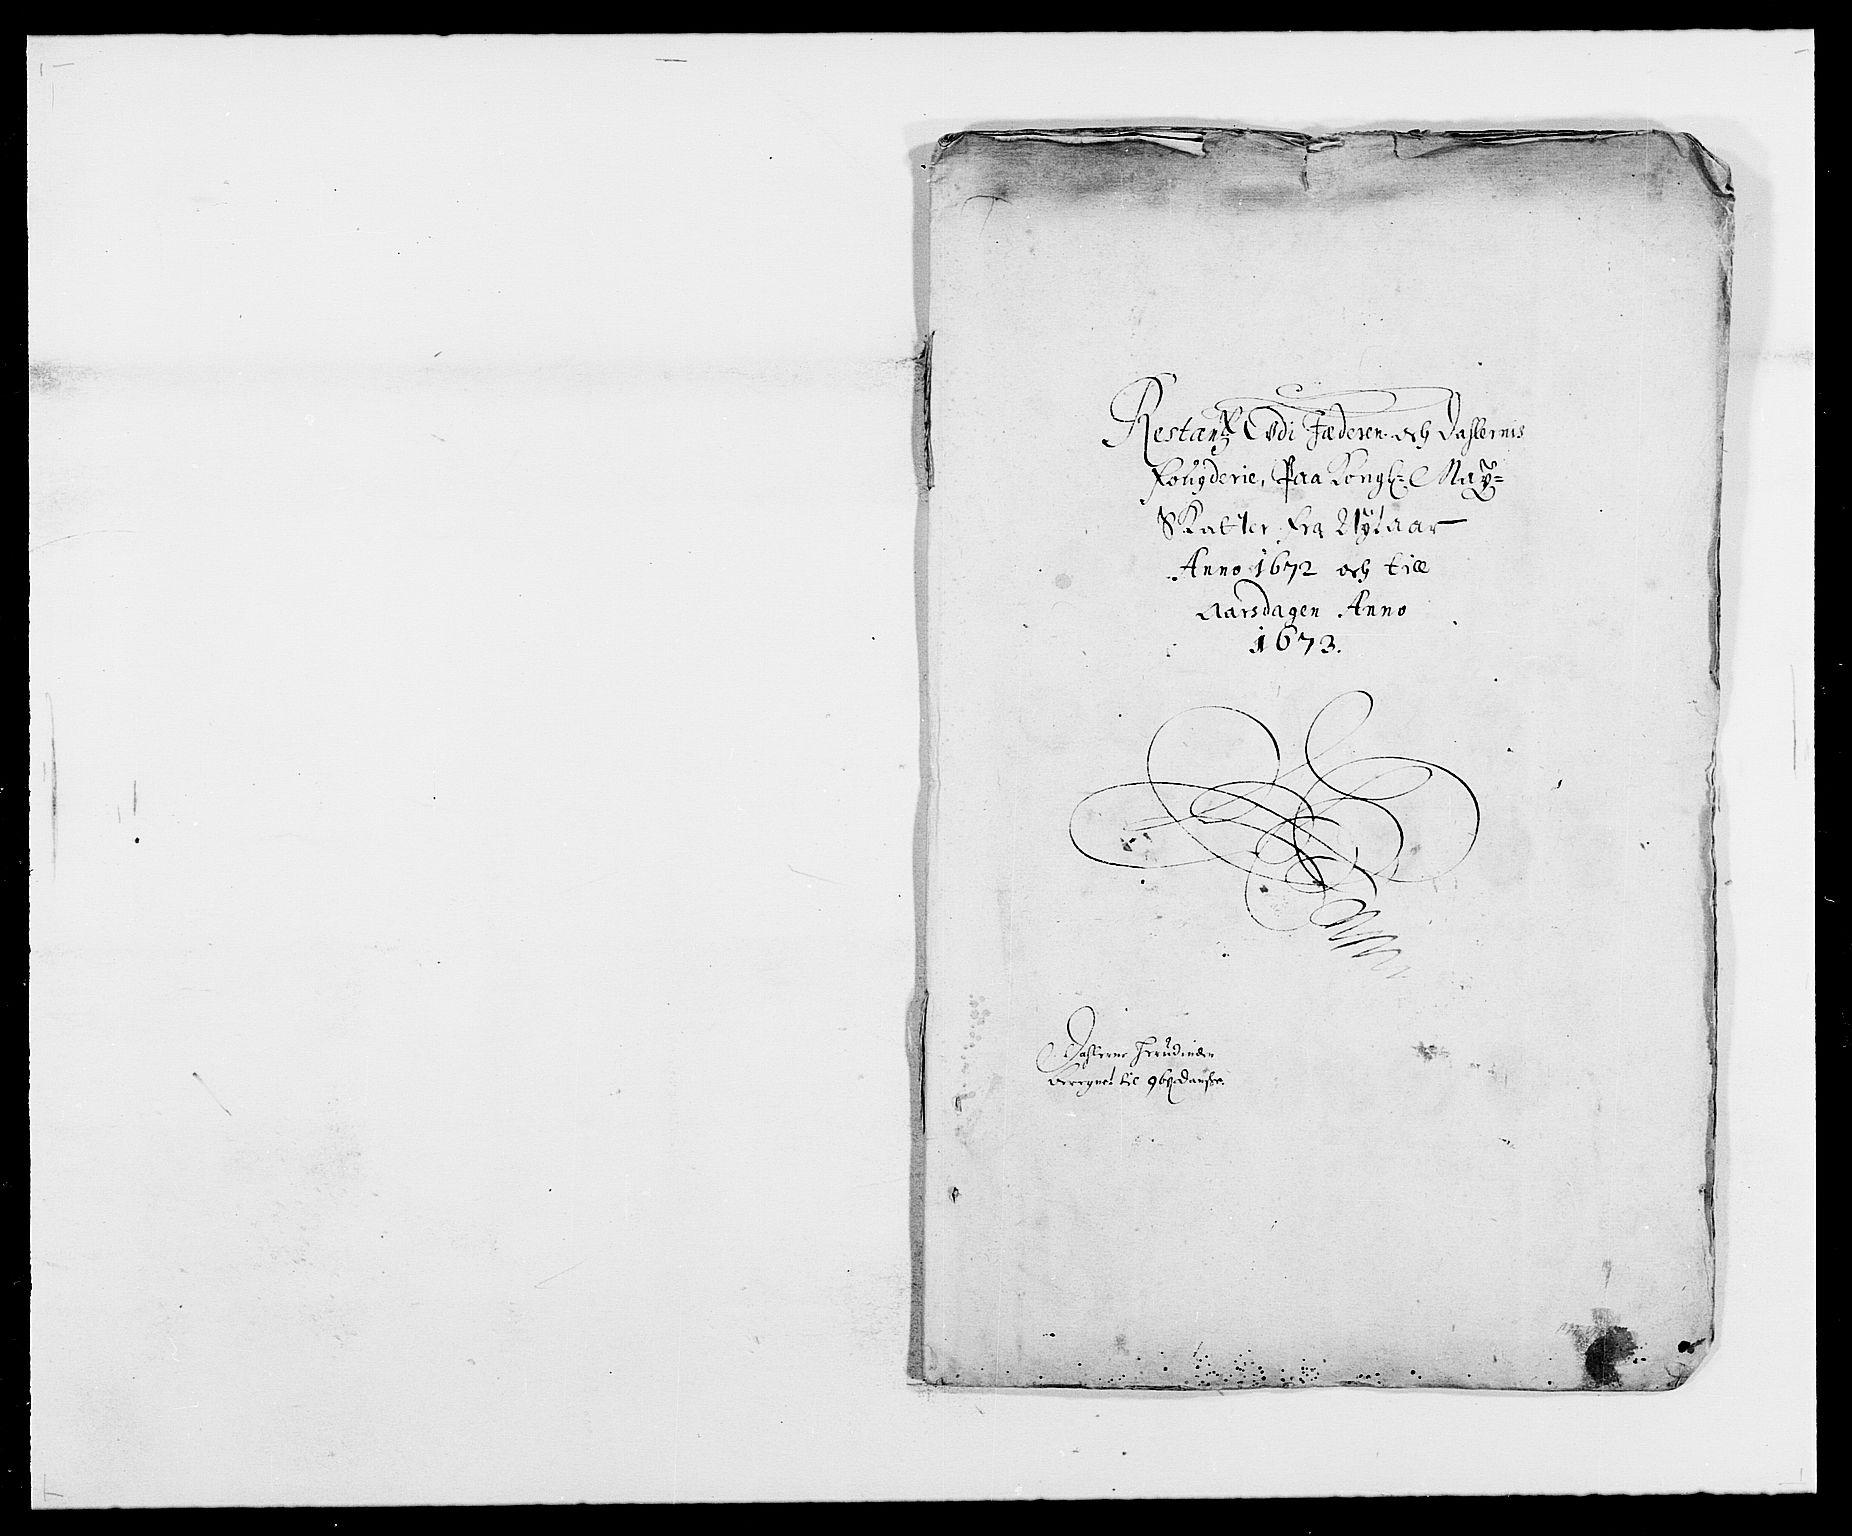 RA, Rentekammeret inntil 1814, Reviderte regnskaper, Fogderegnskap, R46/L2713: Fogderegnskap Jæren og Dalane, 1671-1672, s. 283